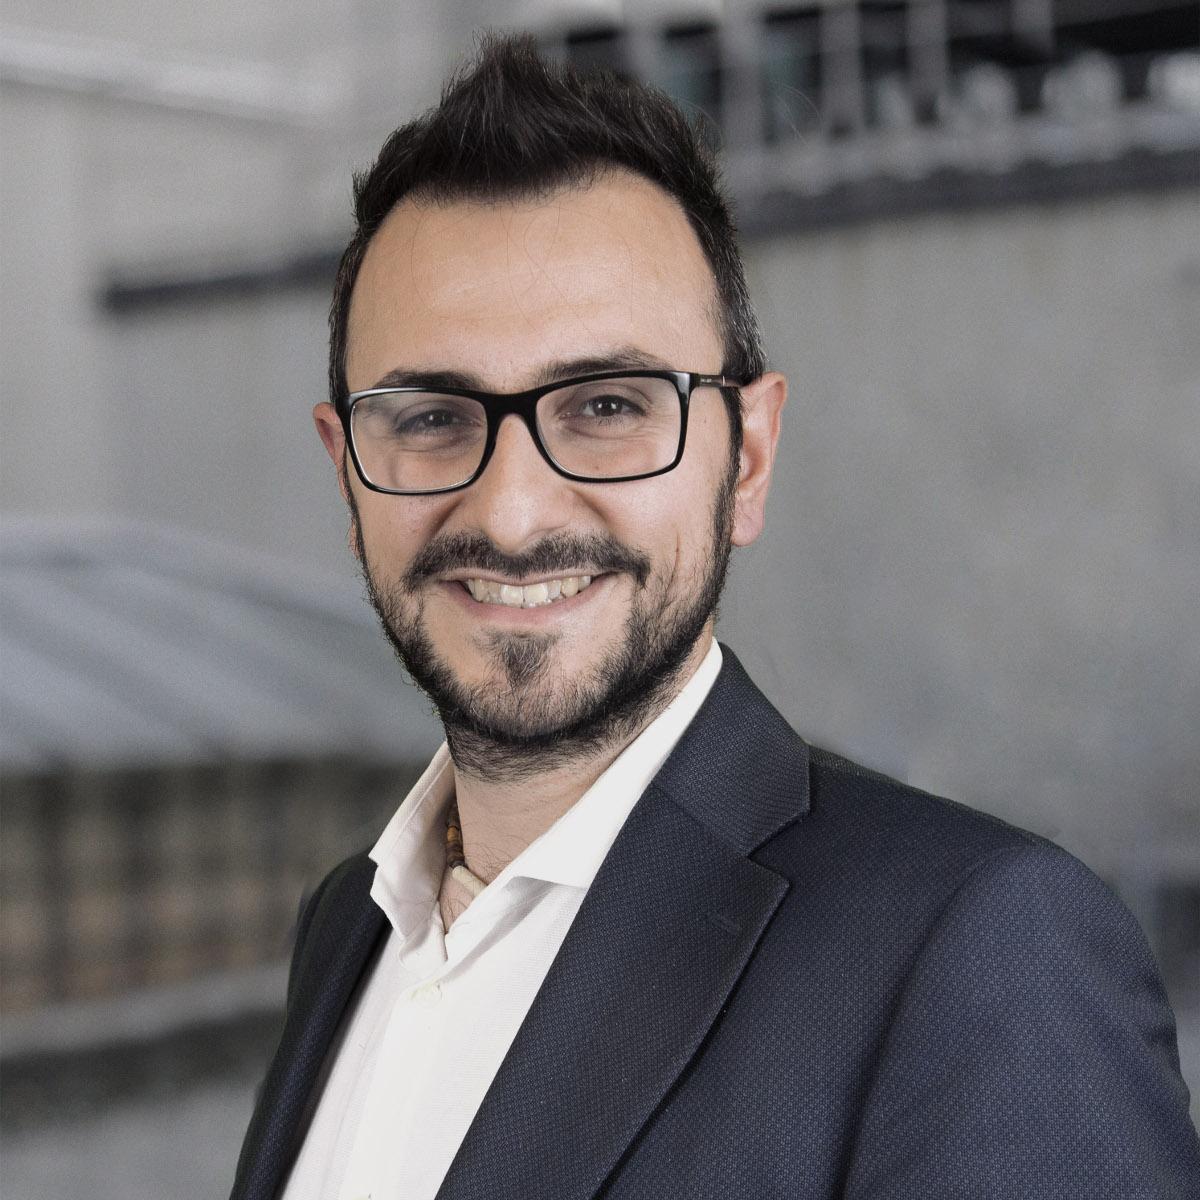 Dario Paolucci